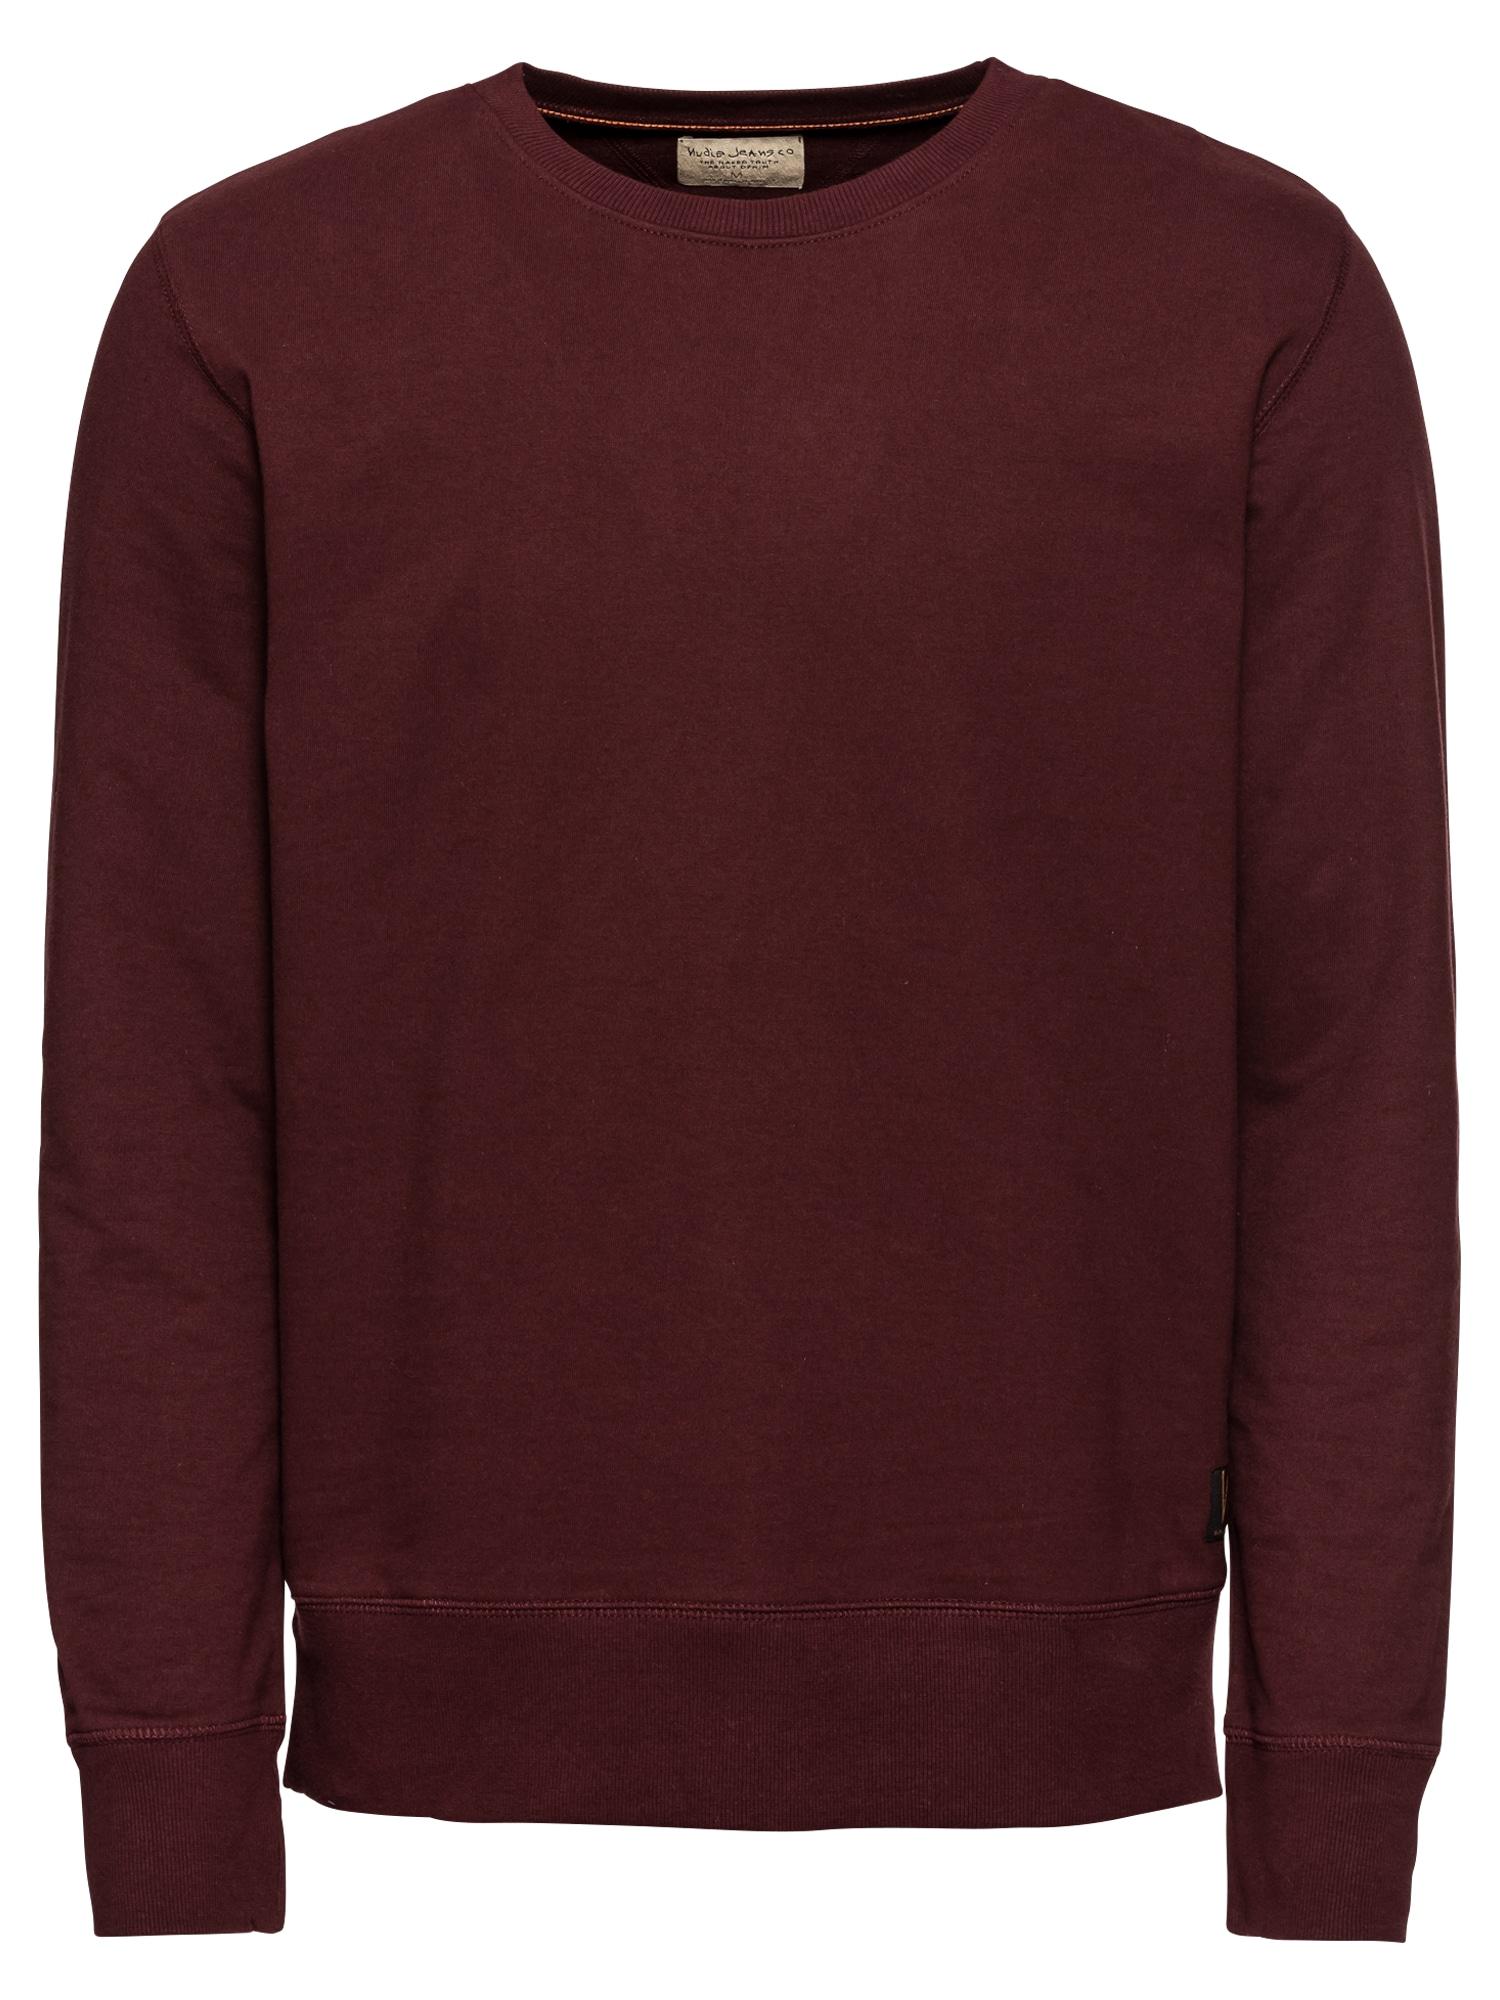 Mikina Evert Light Sweatshirt vínově červená Nudie Jeans Co